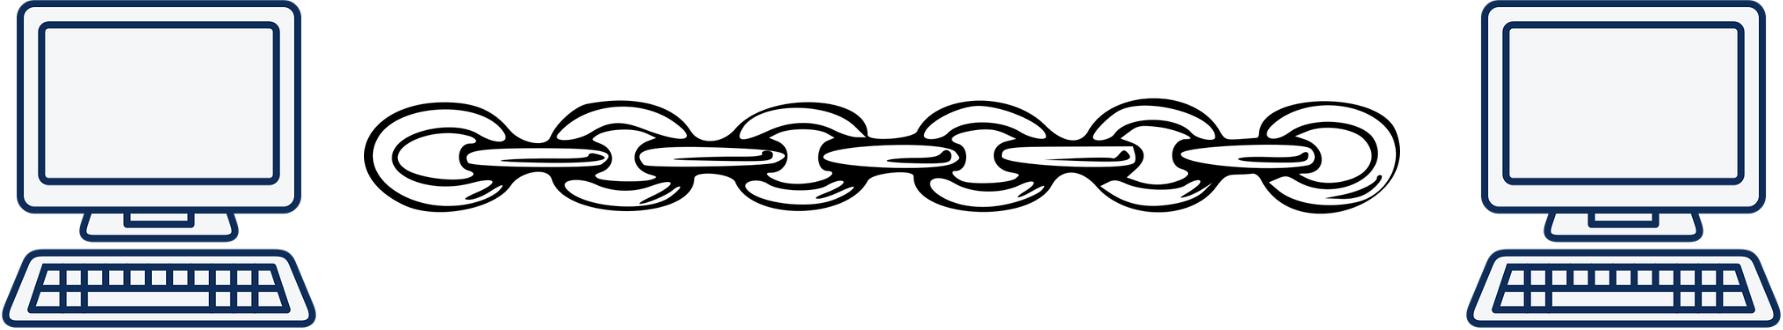 两台计算机间的TCP链路